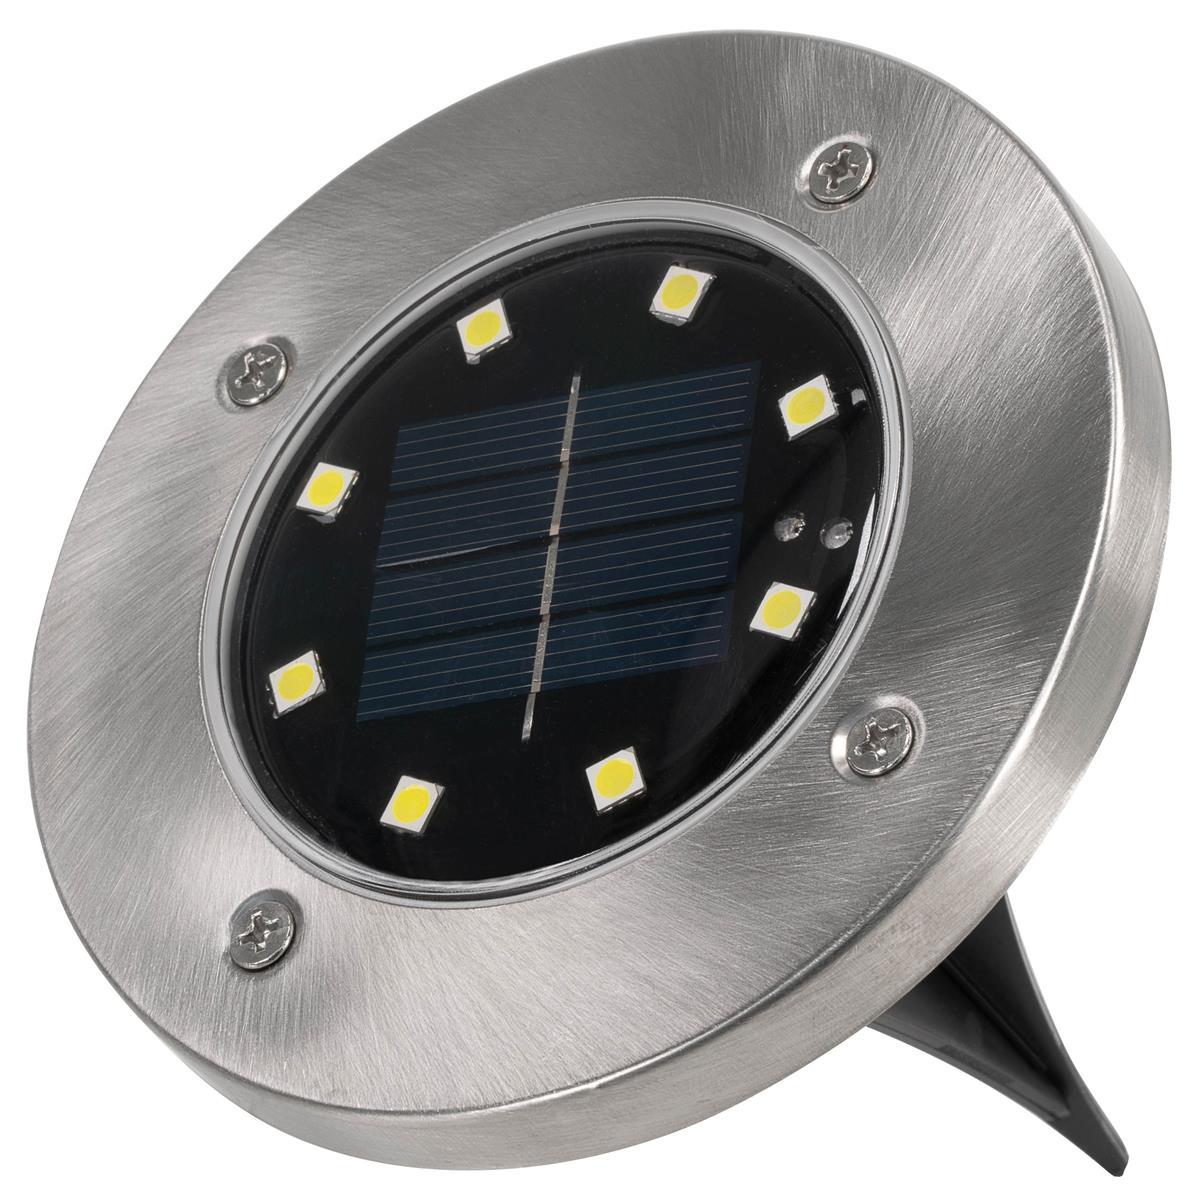 Bodenstrahler Solar Solarlampe Garten mit 3 LED aus Edelstahl